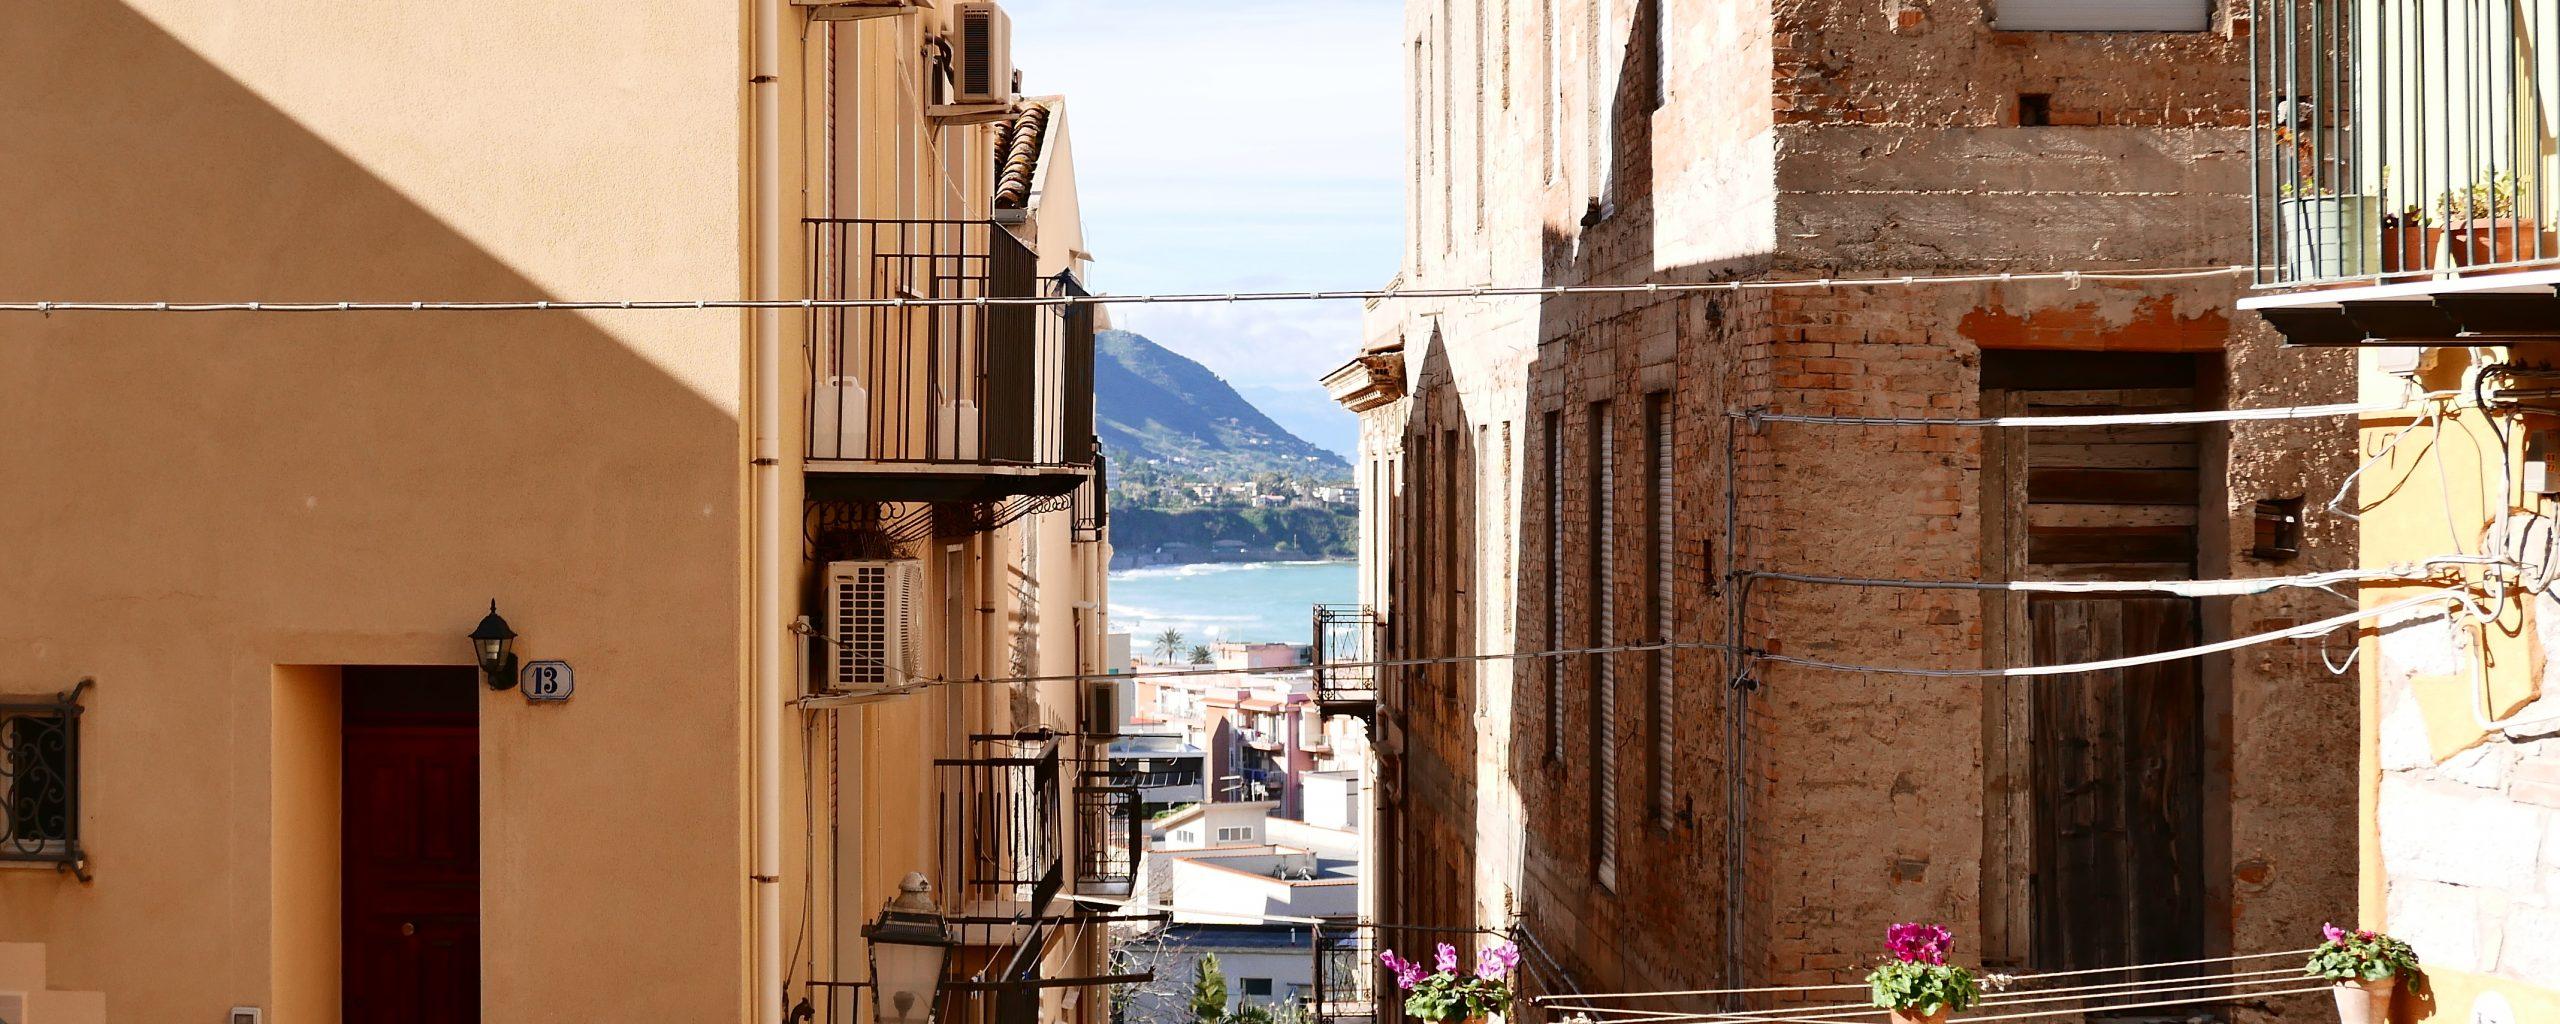 義大利自由行|冬日暖陽下的羅馬南義西西里島12日行程、交通與花費